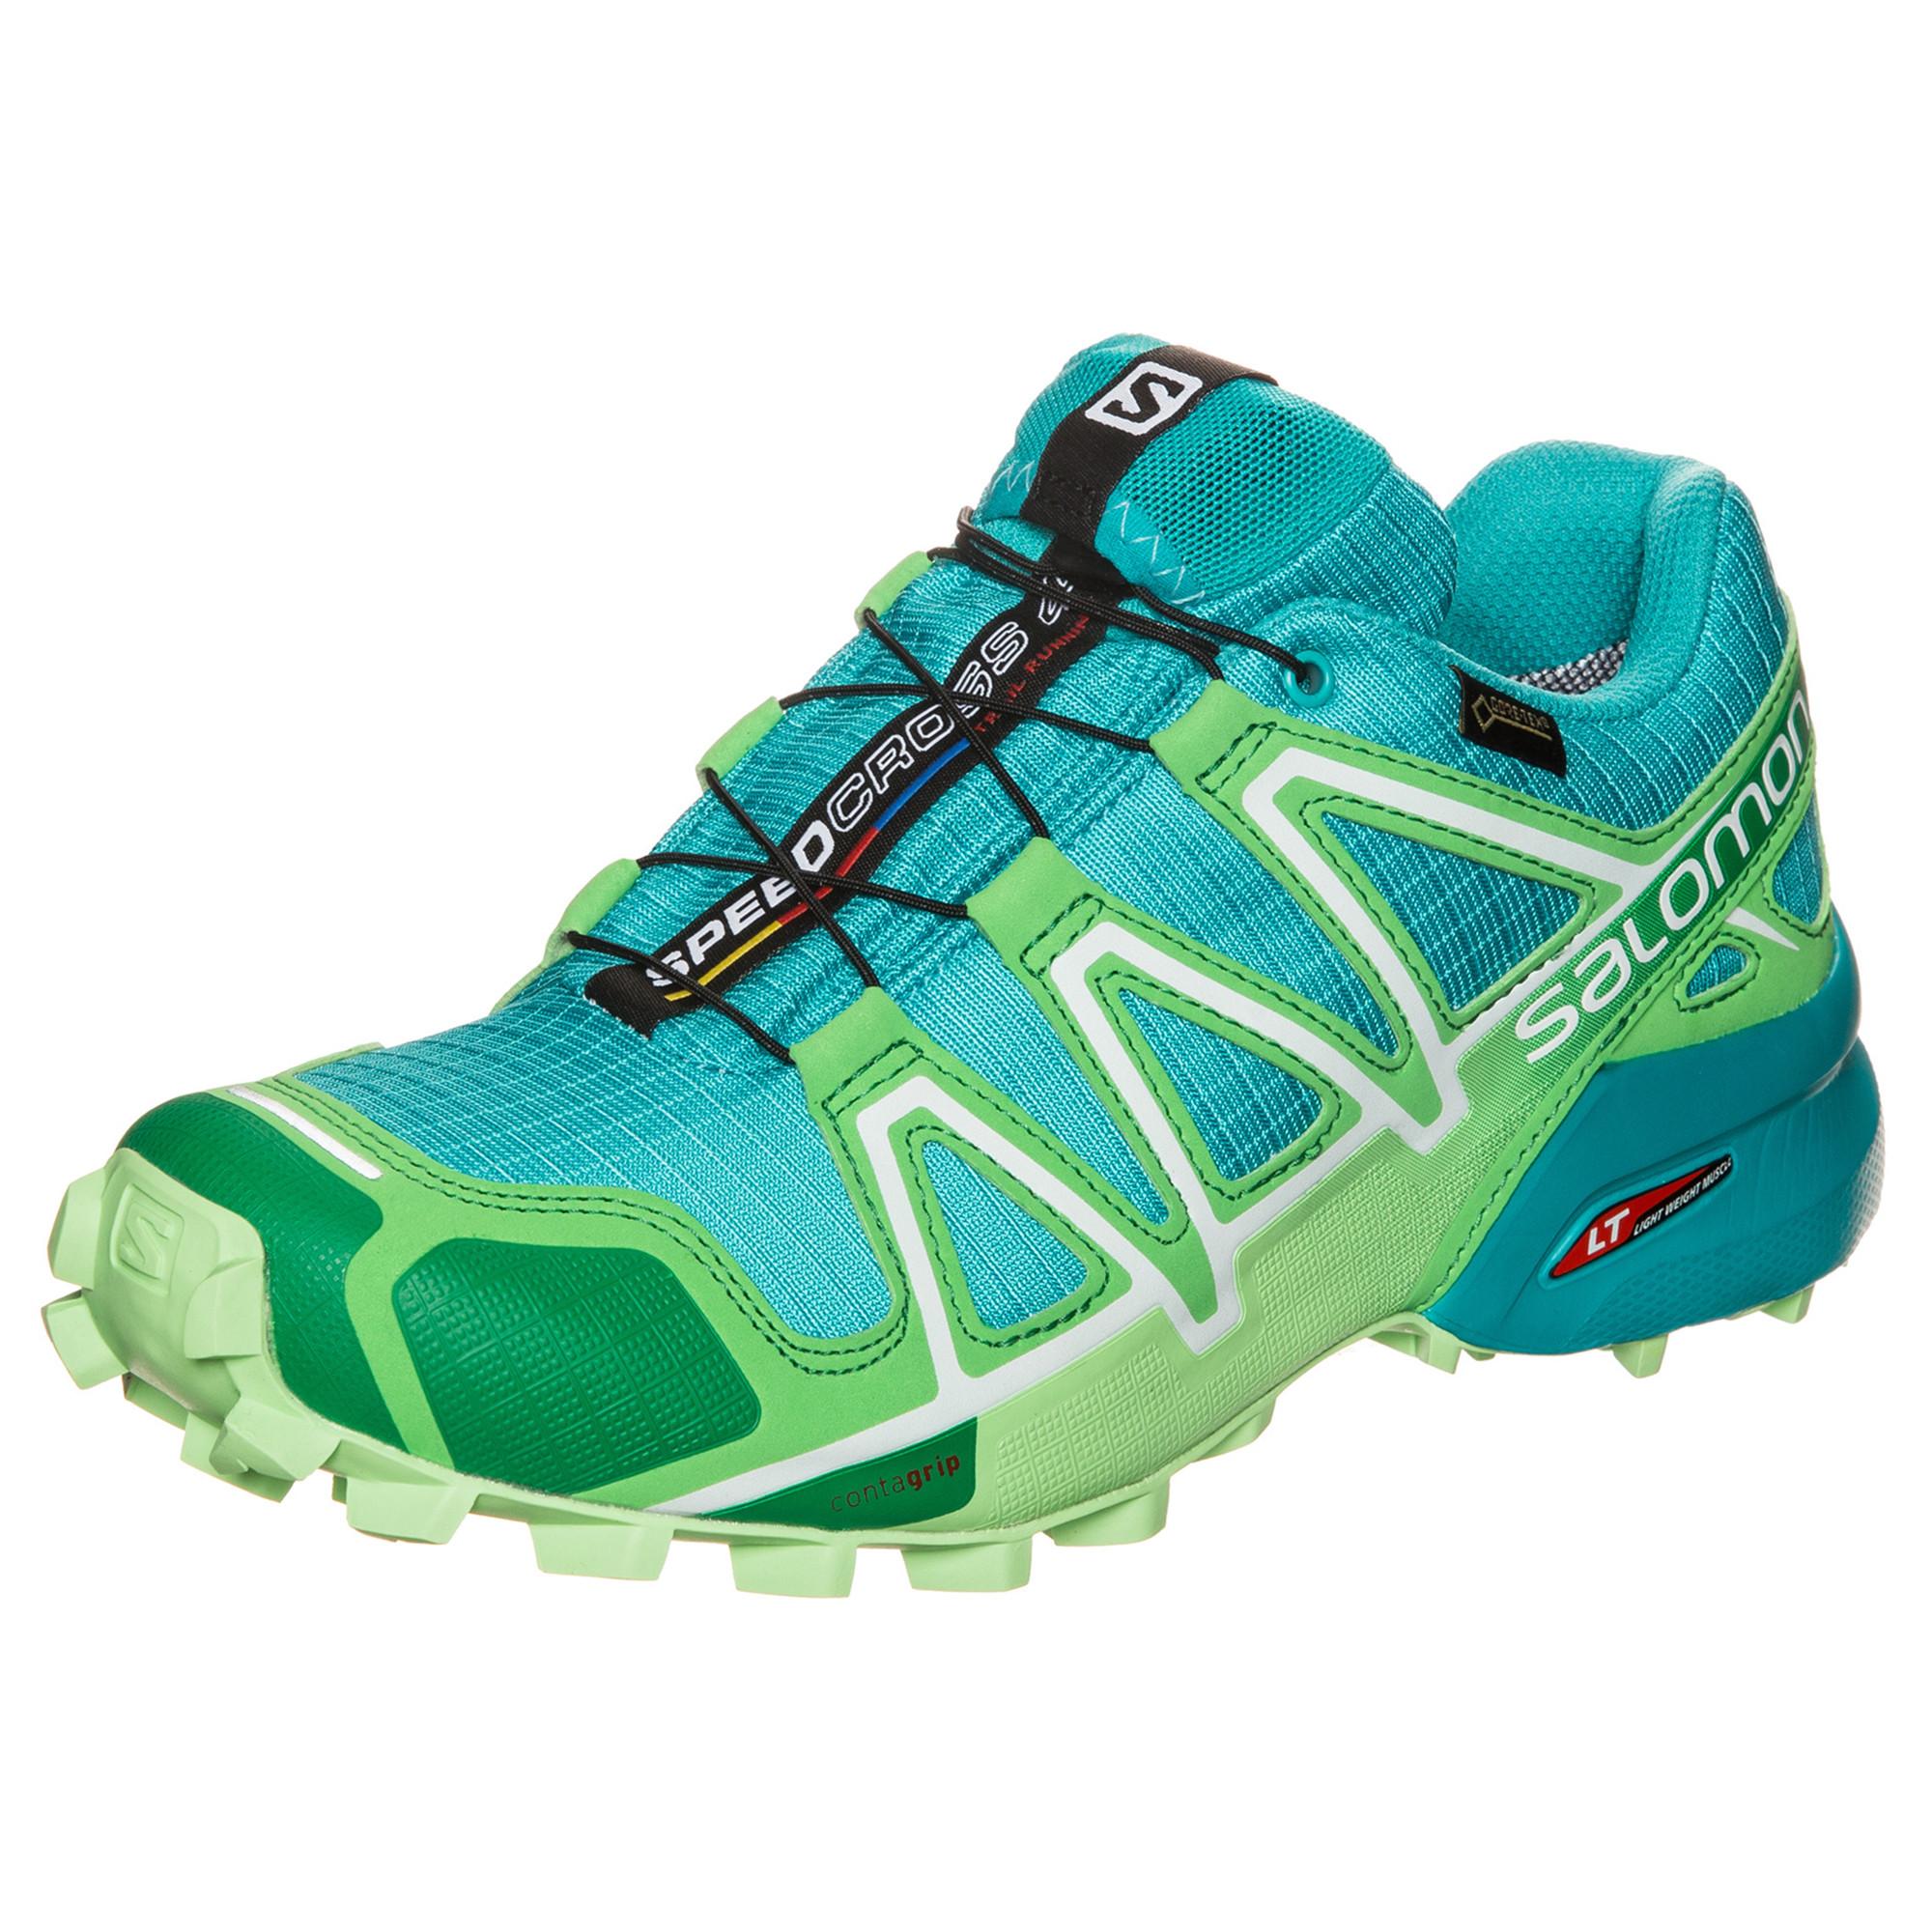 9066078e37d Speedcross 4 Gtx Chaussure Trail Femme Speedcross 4 Gtx Chaussure Trail  Femme ...